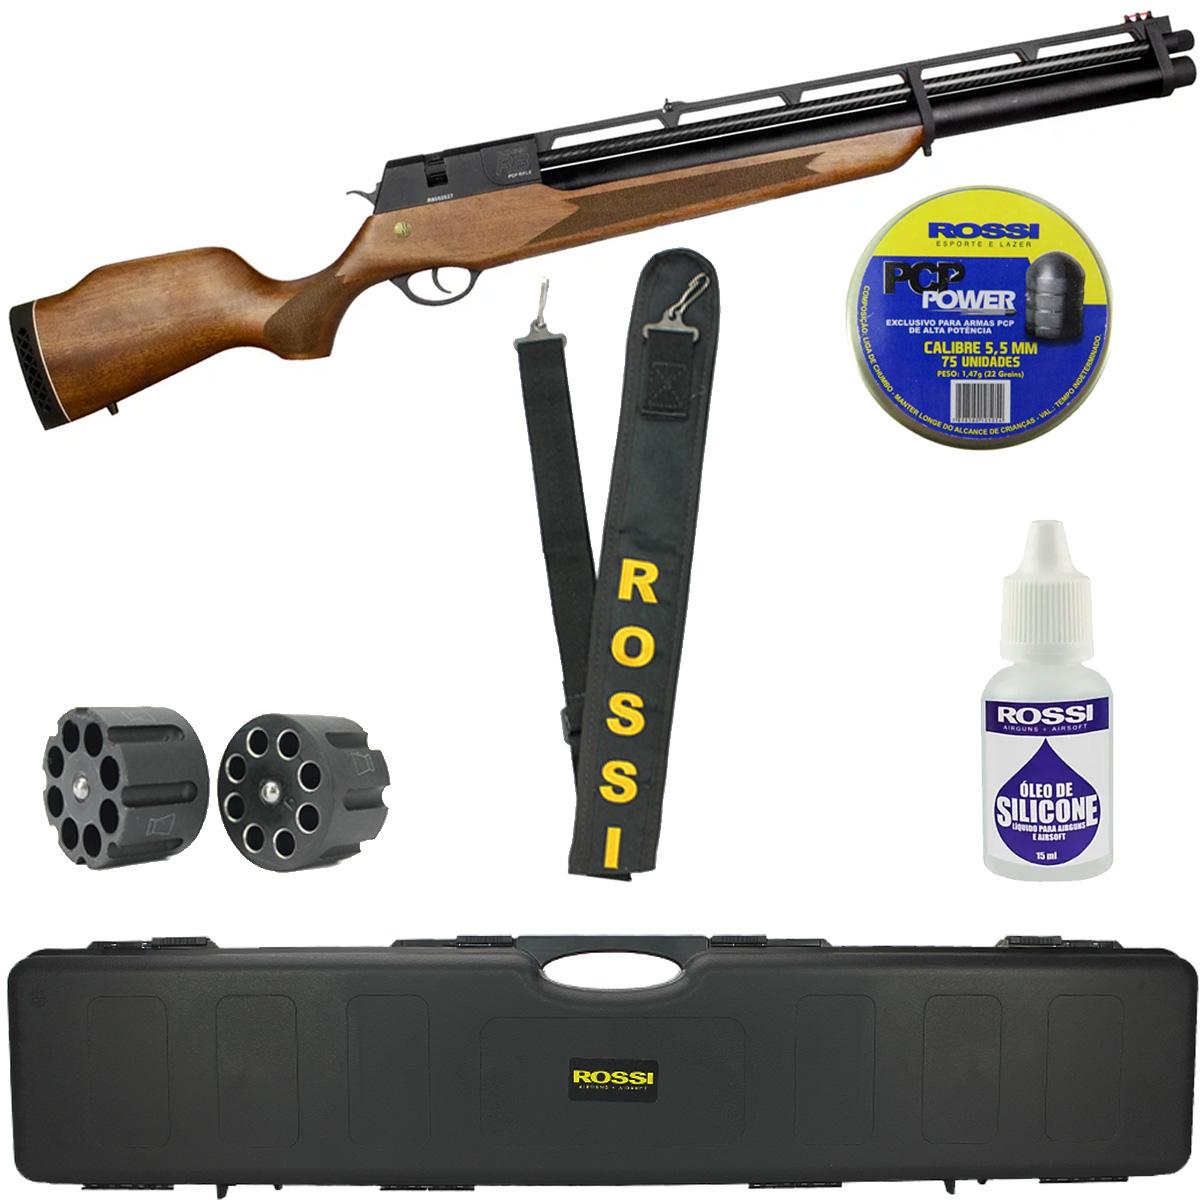 Carabina de Pressão R8 PCP Madeira 5.5mm - Rossi